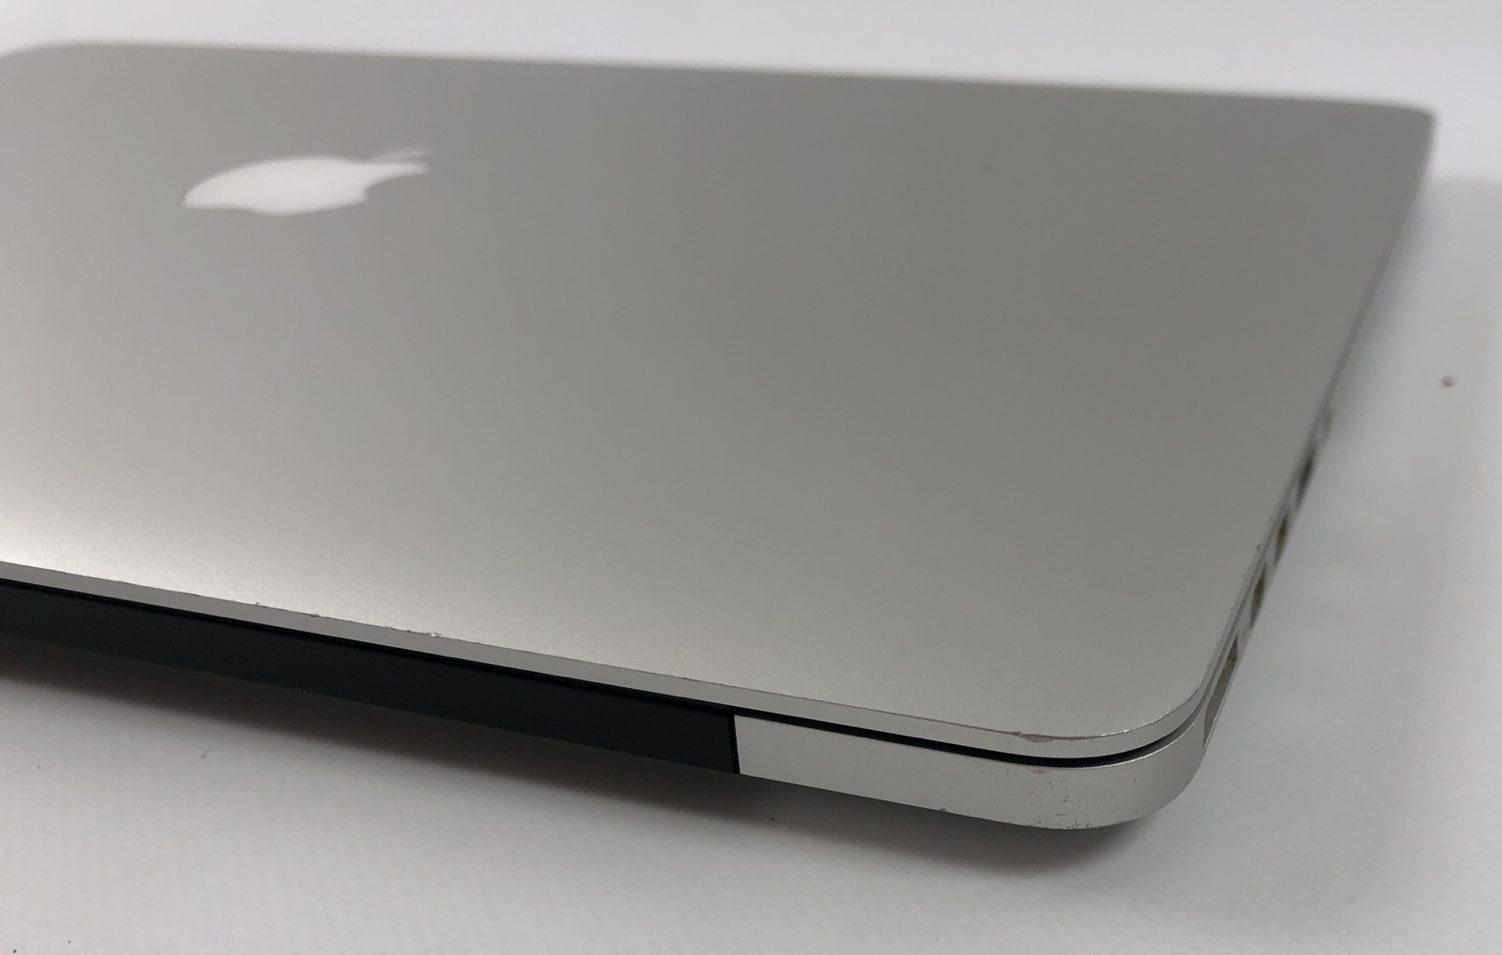 """MacBook Pro Retina 15"""" Mid 2015 (Intel Quad-Core i7 2.8 GHz 16 GB RAM 1 TB SSD), Intel Quad-Core i7 2.8 GHz, 16 GB RAM, 1 TB SSD, Afbeelding 3"""